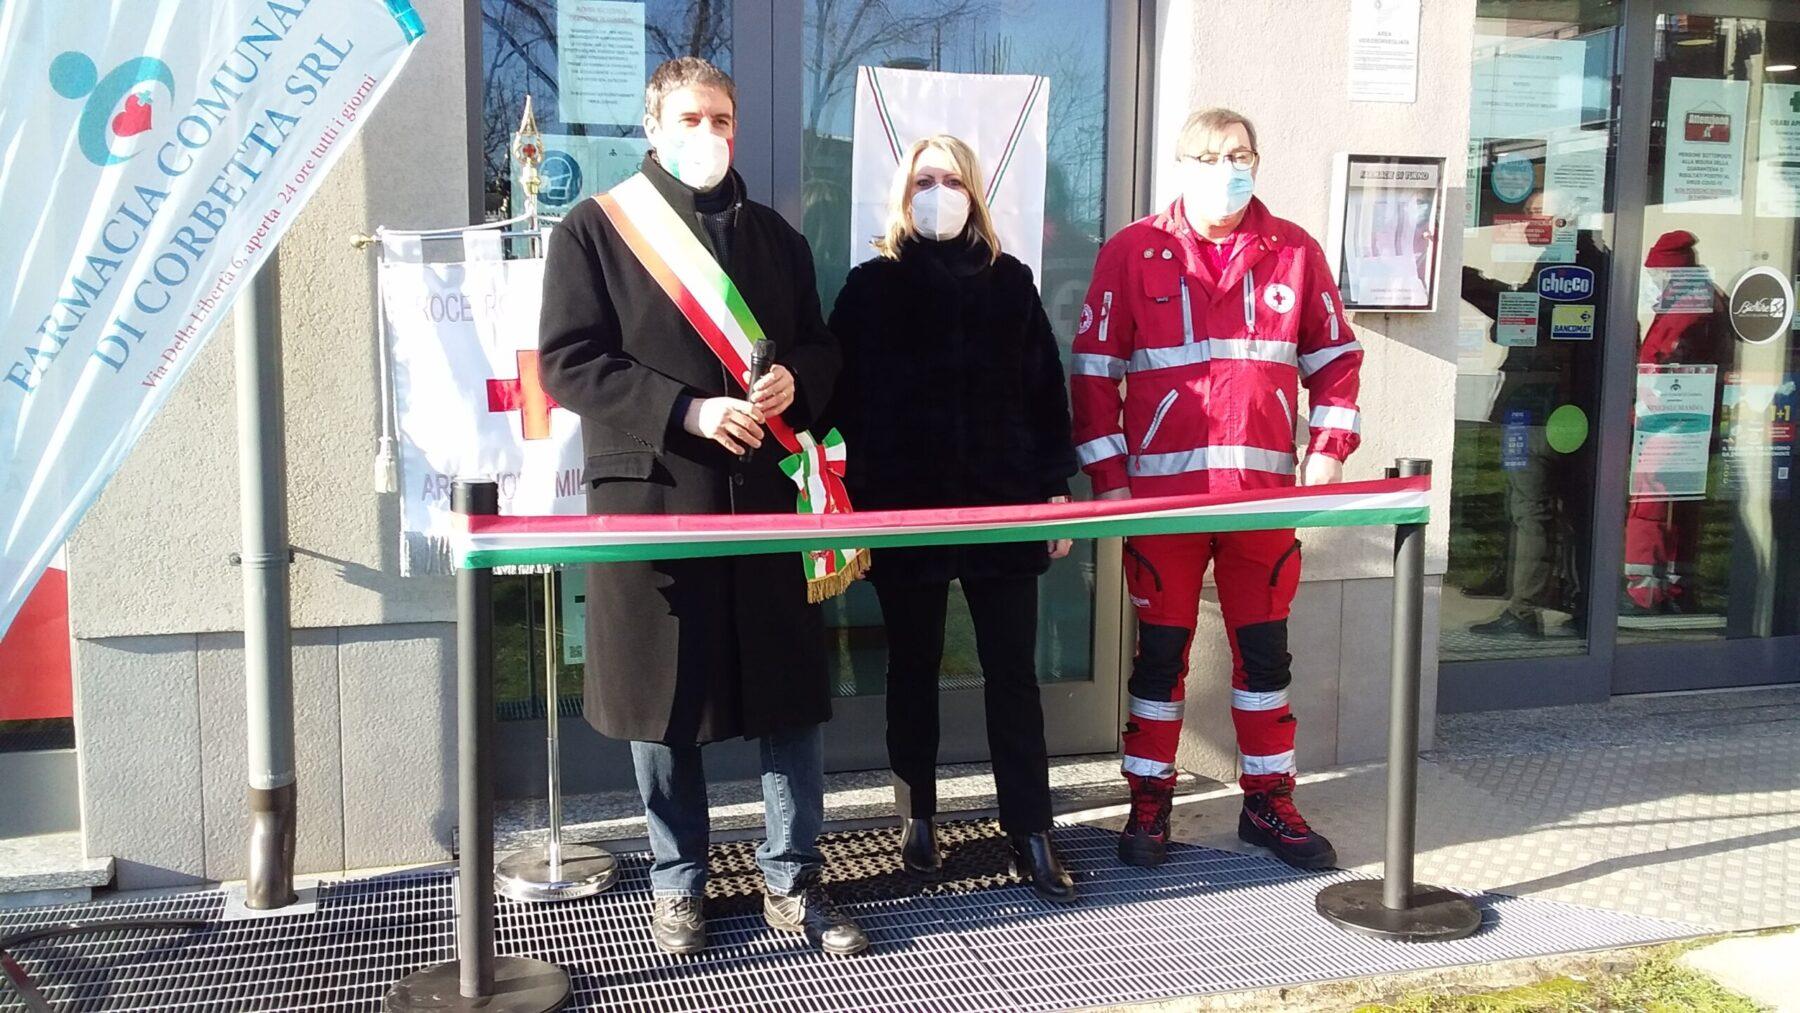 Corbetta - Inaugurato il punto Croce Rossa. Corbetta 15/02/2021